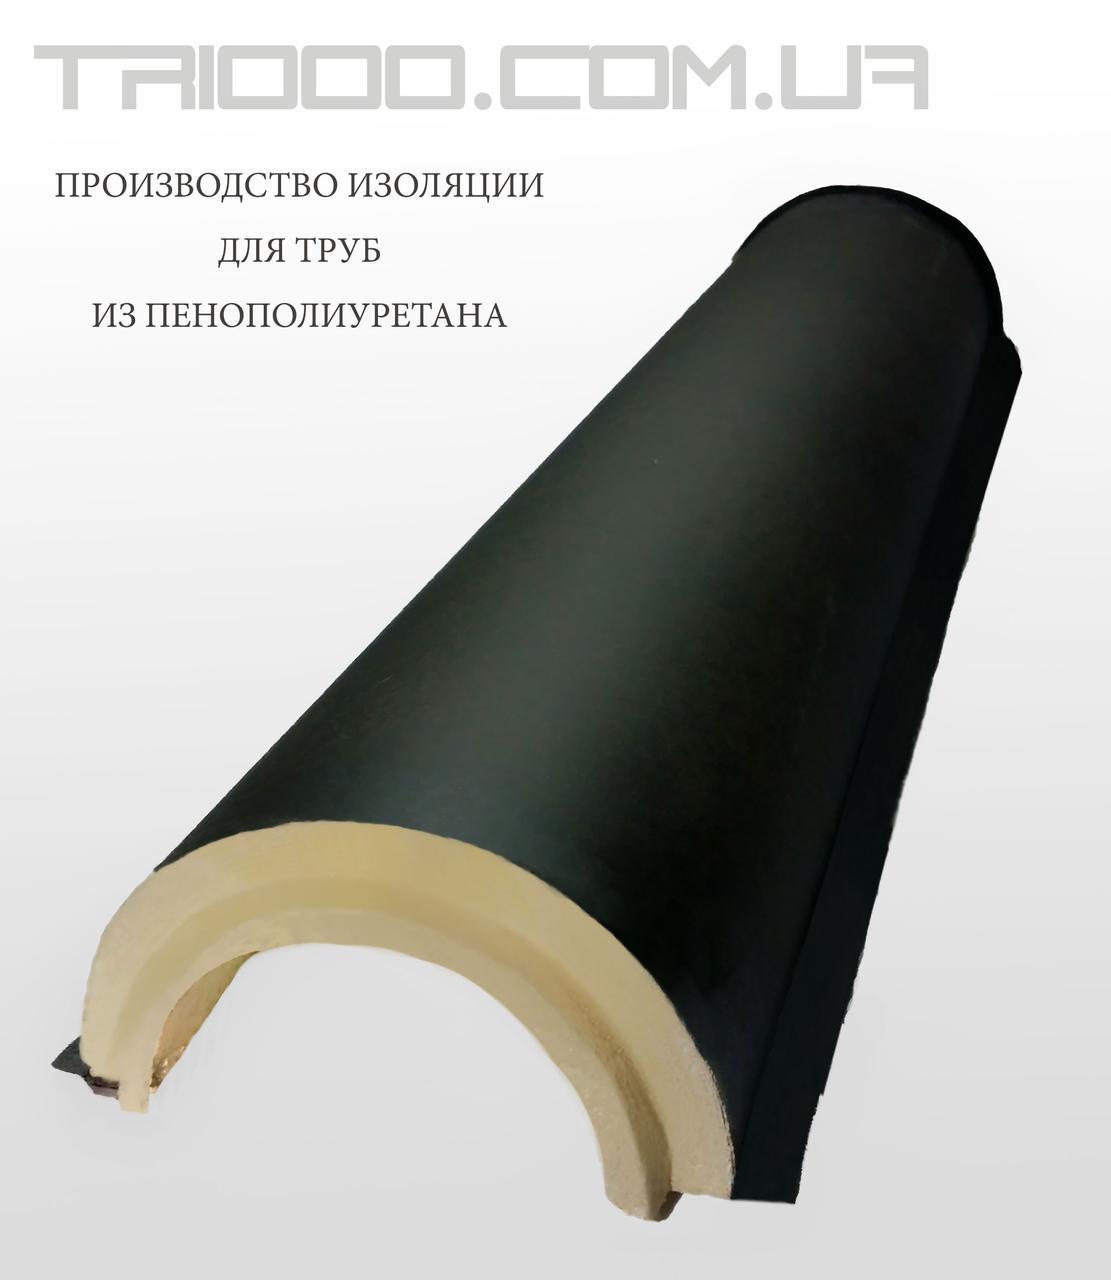 Сегменты теплоизоляционные для труб Ø 159/40 мм в покрытии из пергамина